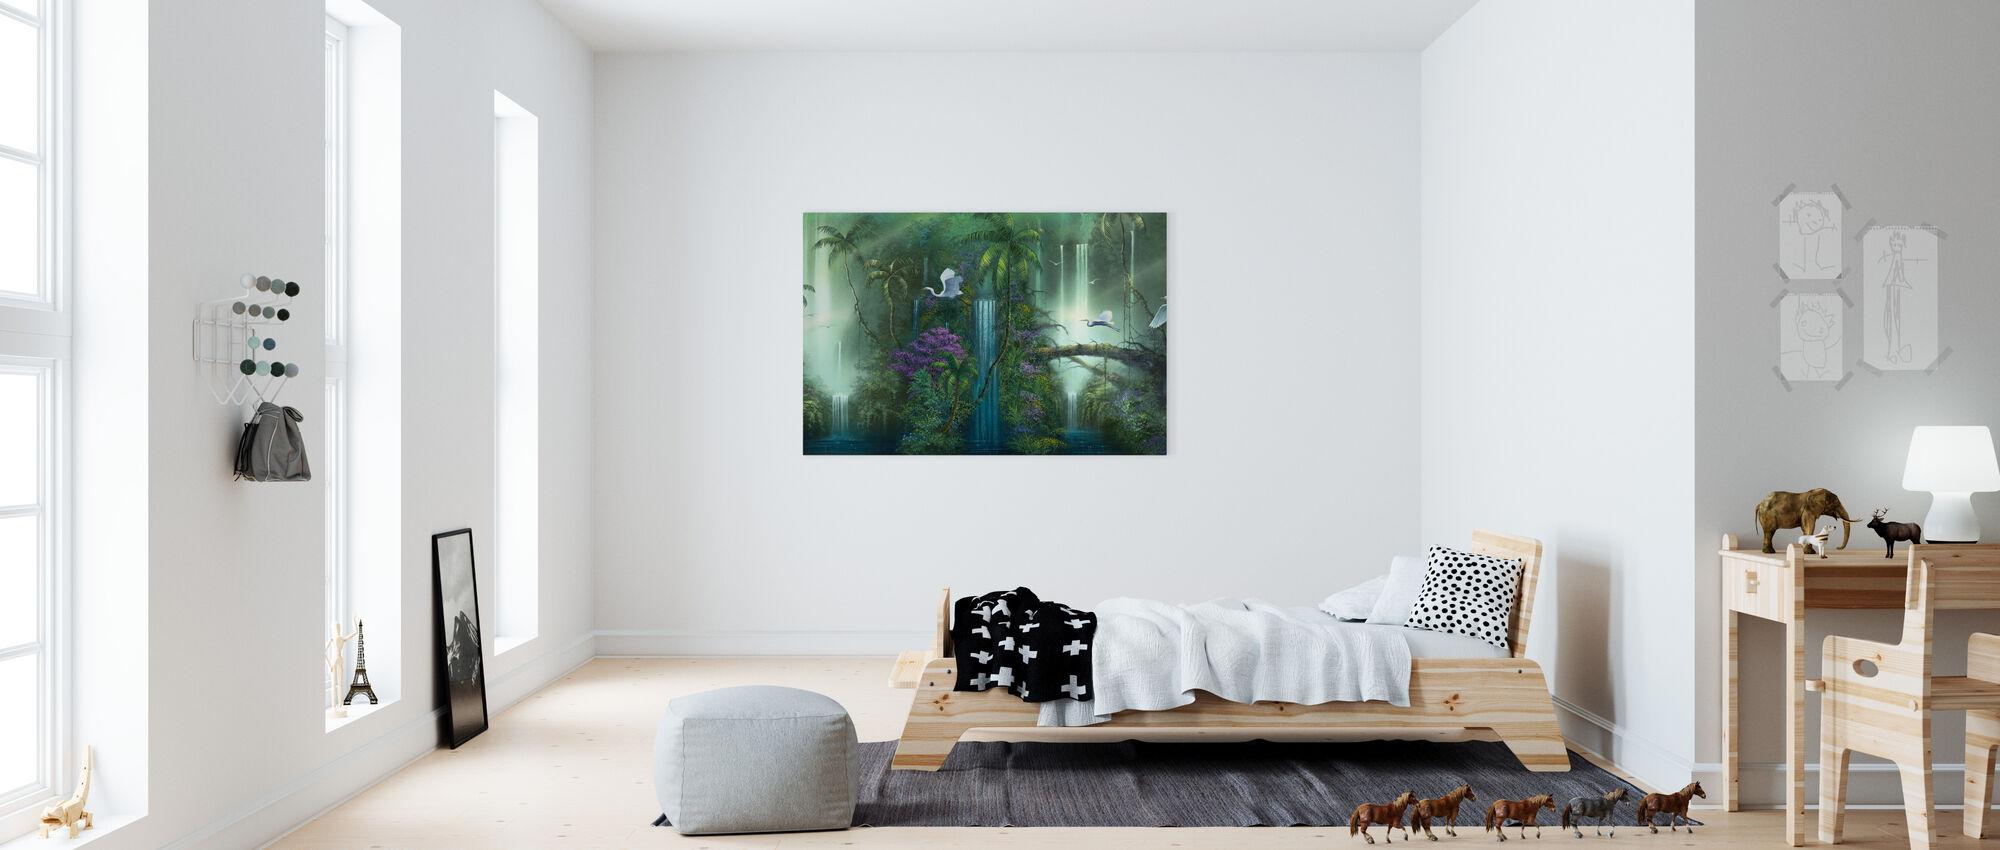 Vesiputous fantasia - Canvastaulu - Lastenhuone